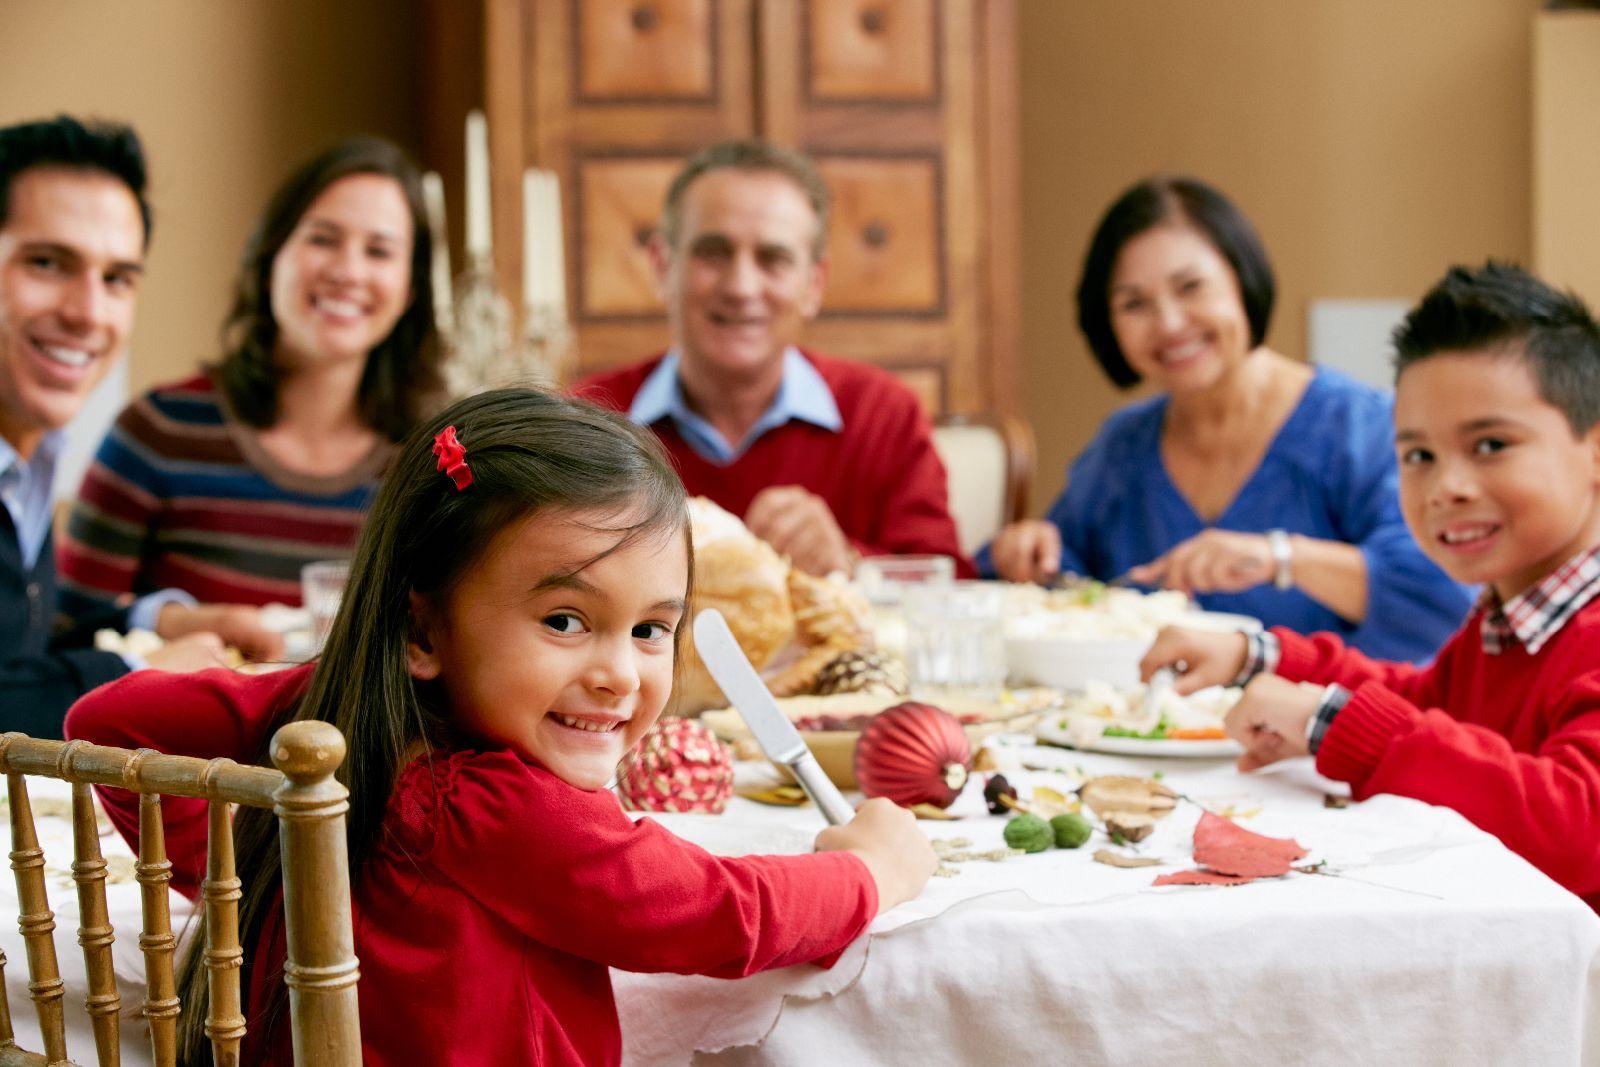 Acercamiento a niña sentada en la mesa sonriendo al fondo desenfocados nilo y adultos en la mesa comiendo